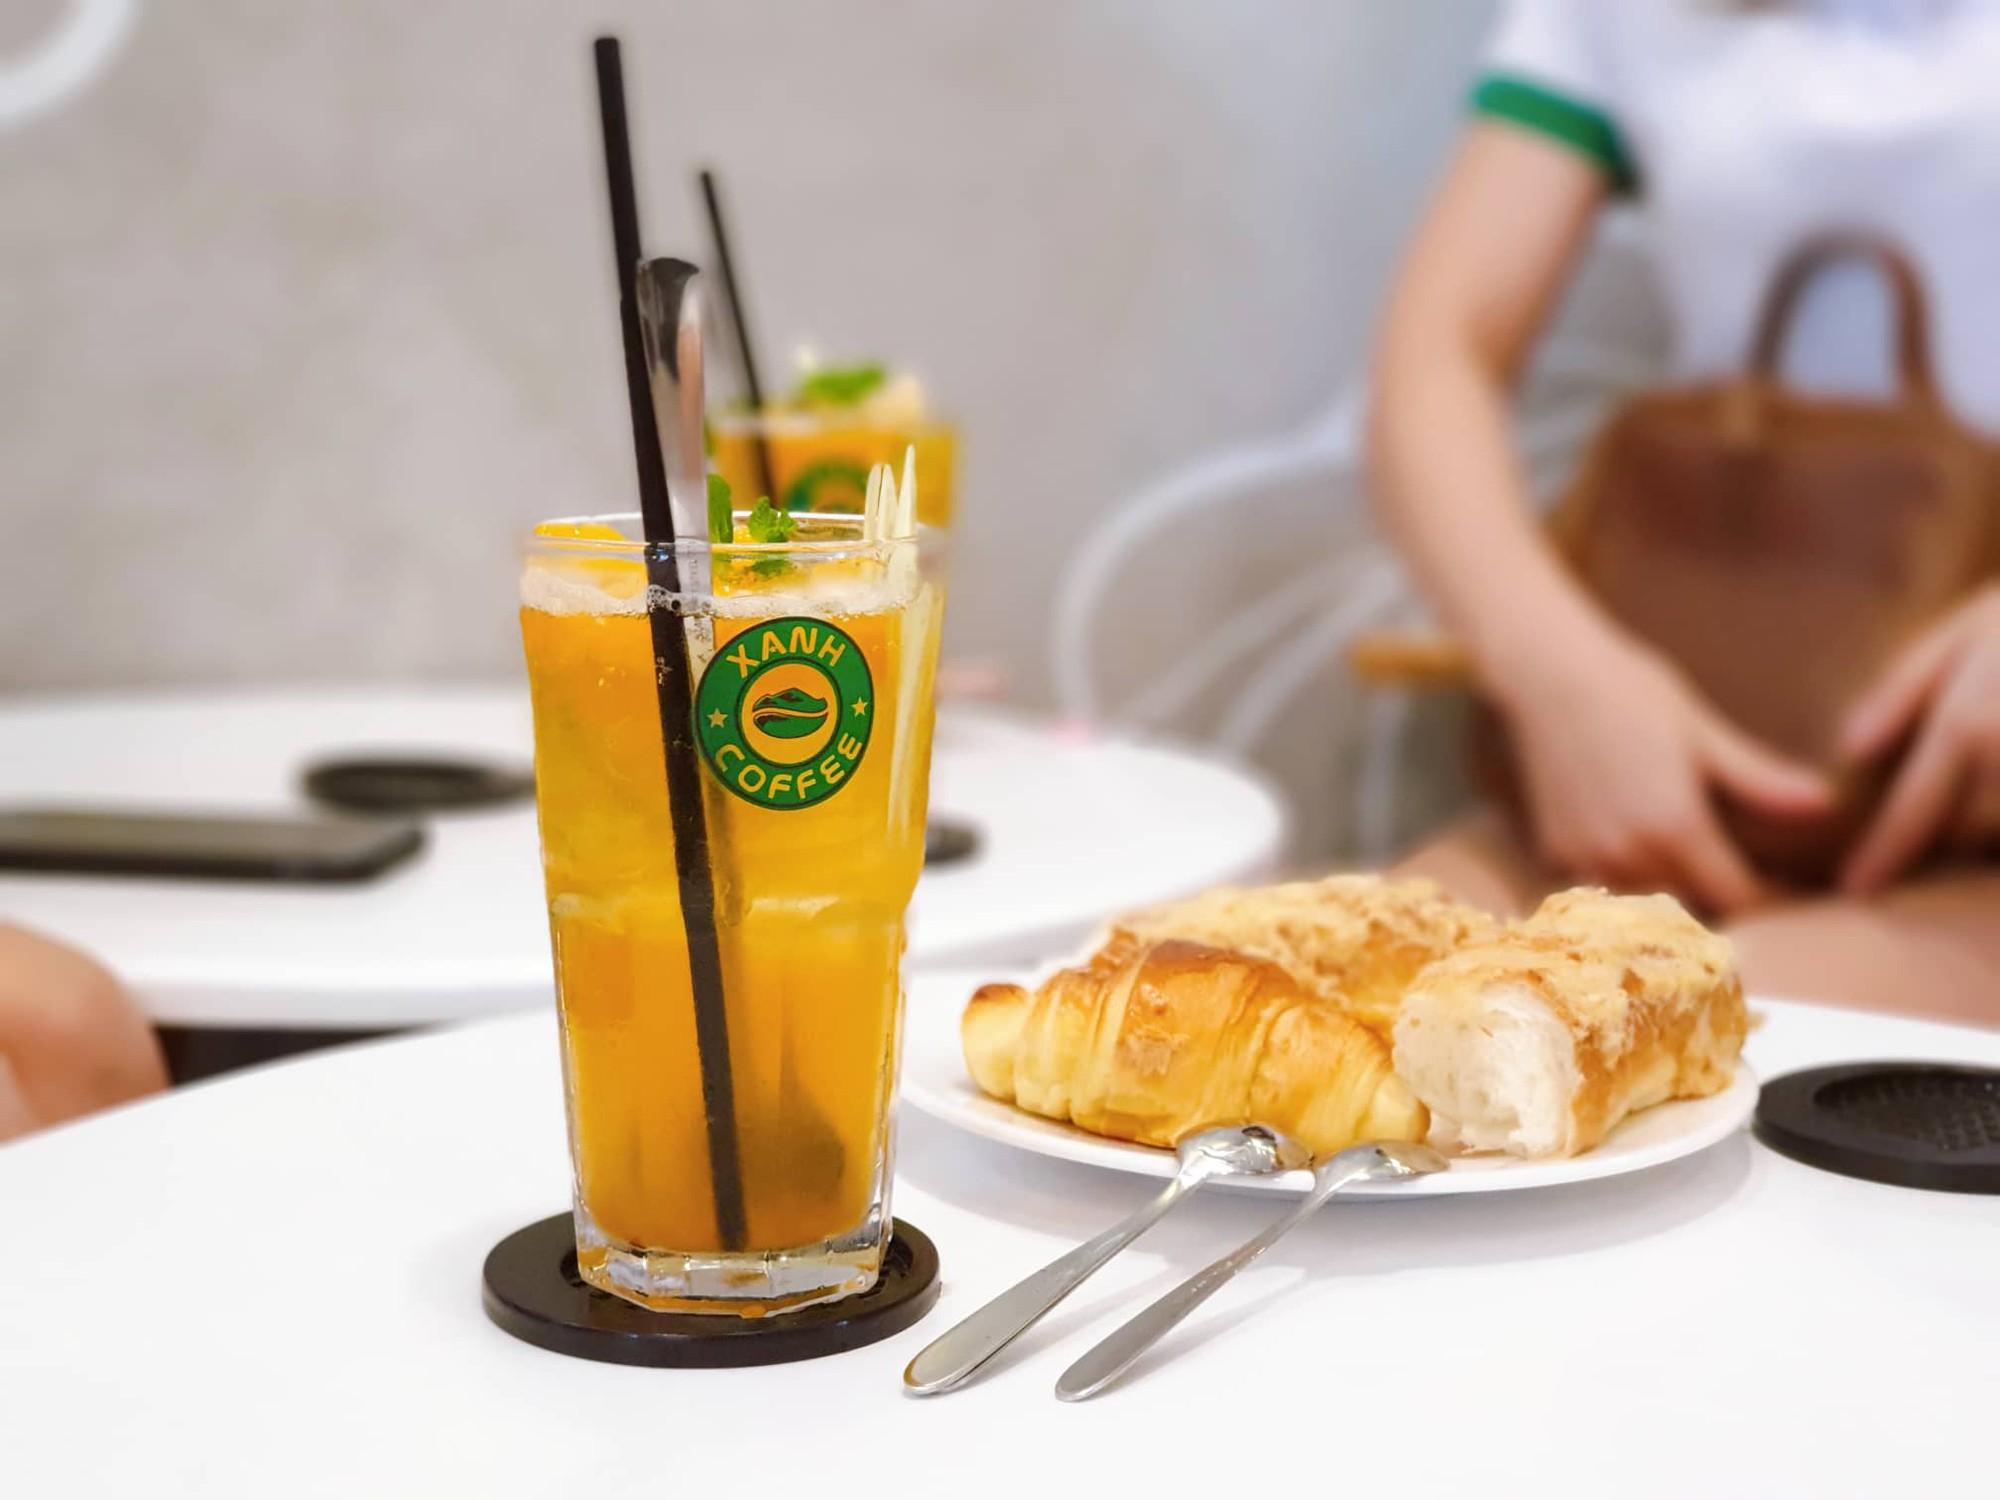 """Xanh Coffee khuấy động ở """"khu phố cà phê"""" Sài Gòn """"hút"""" nhiều nghệ sĩ Việt - Ảnh 7."""